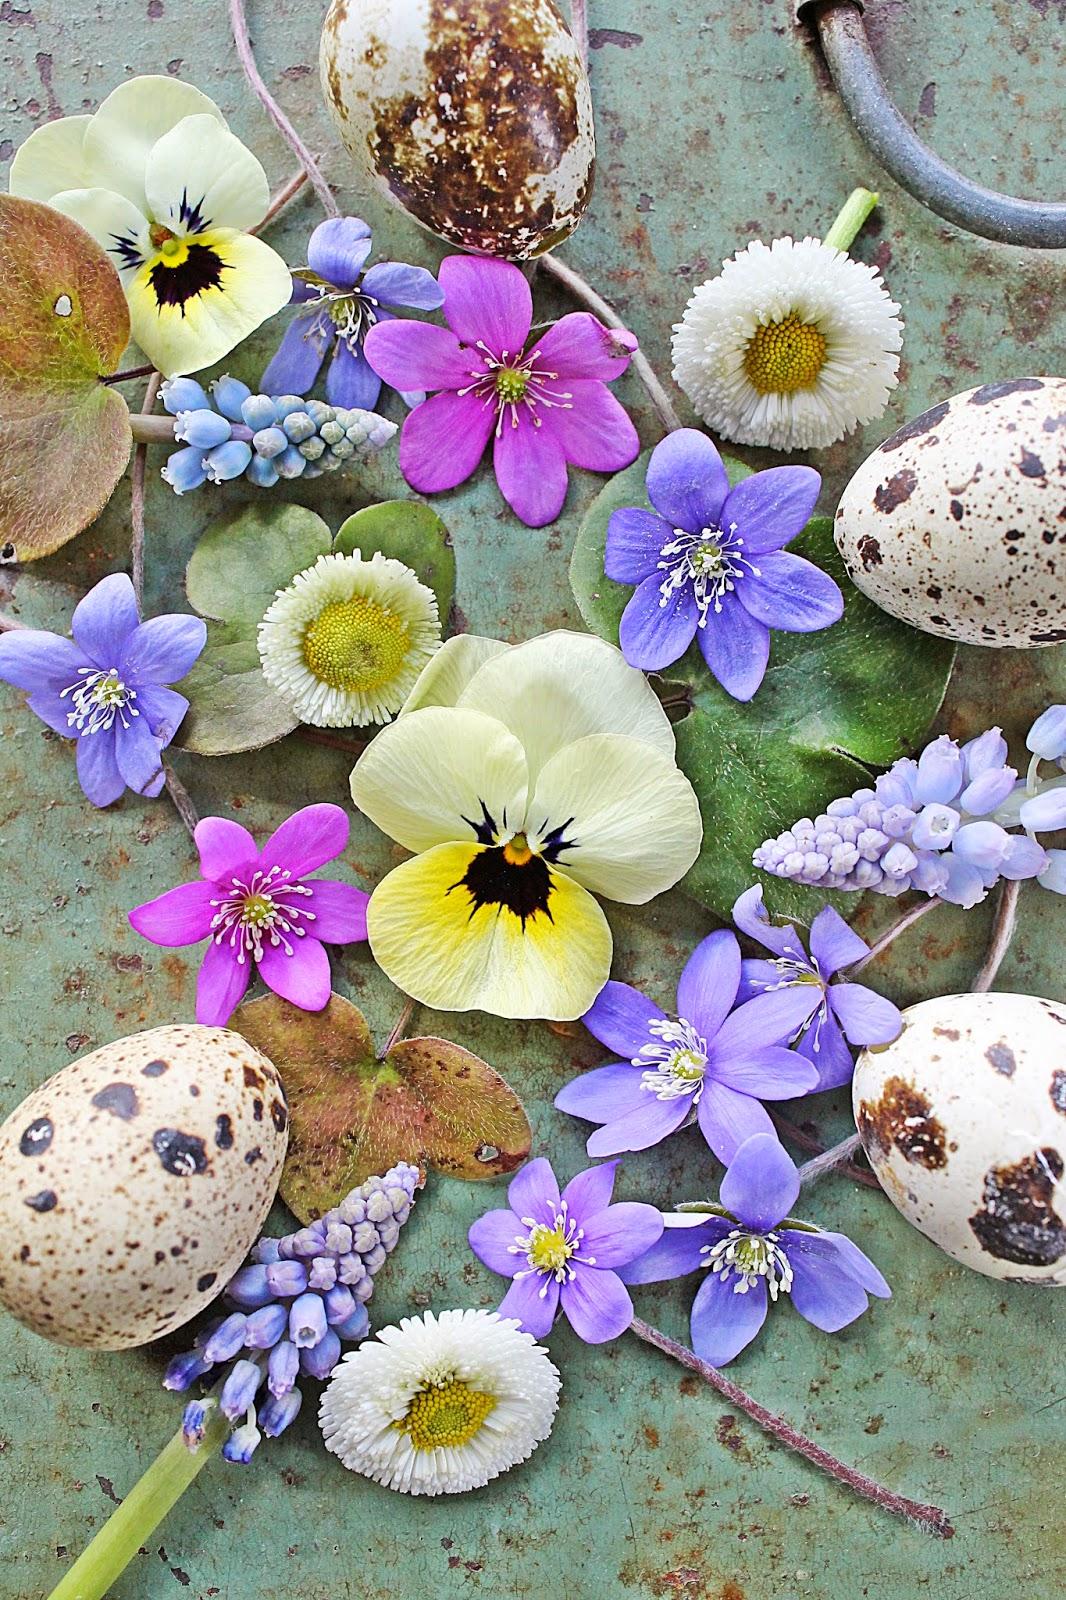 dekor/vesennie-cvety-k-pashe-foto-19.jpg